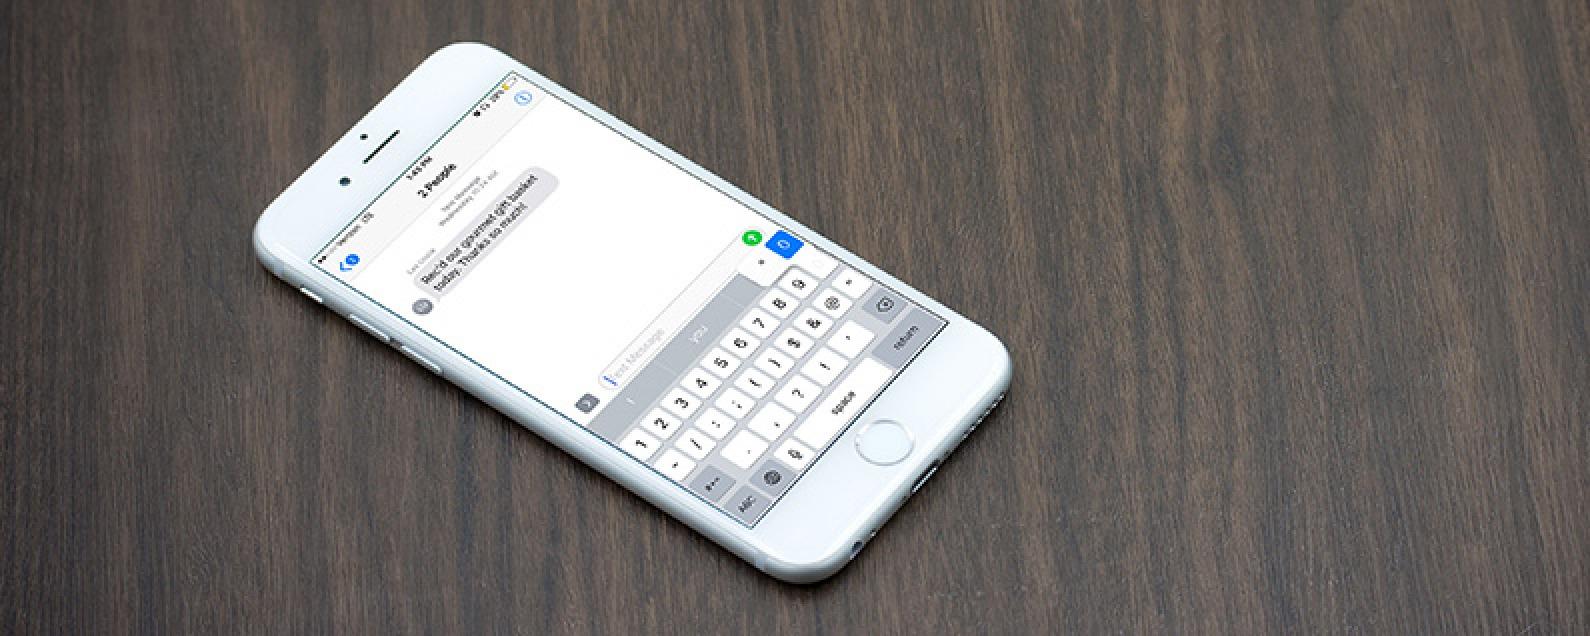 iPhone Symbols: How to Type the Temperature Degree Symbol